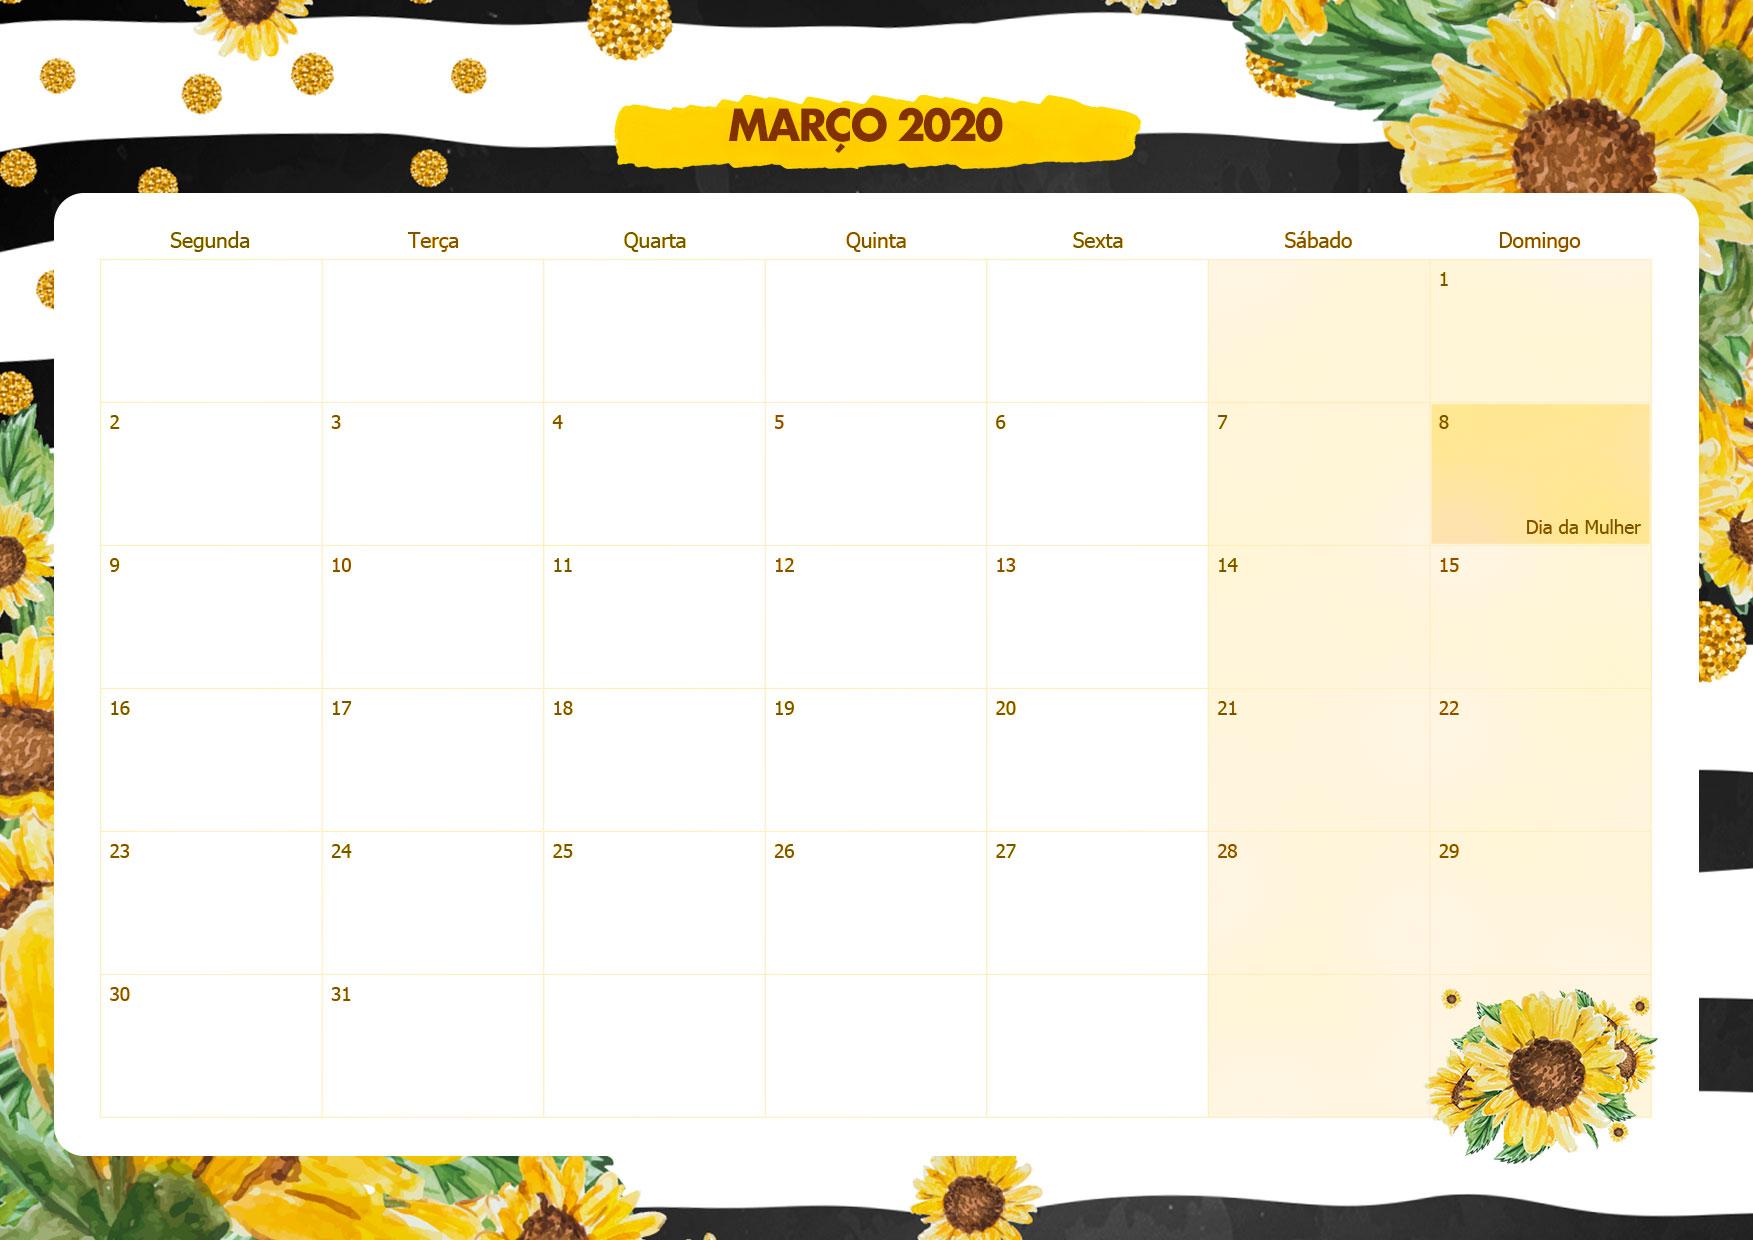 Calendario Mensal Girassol Marco 2020